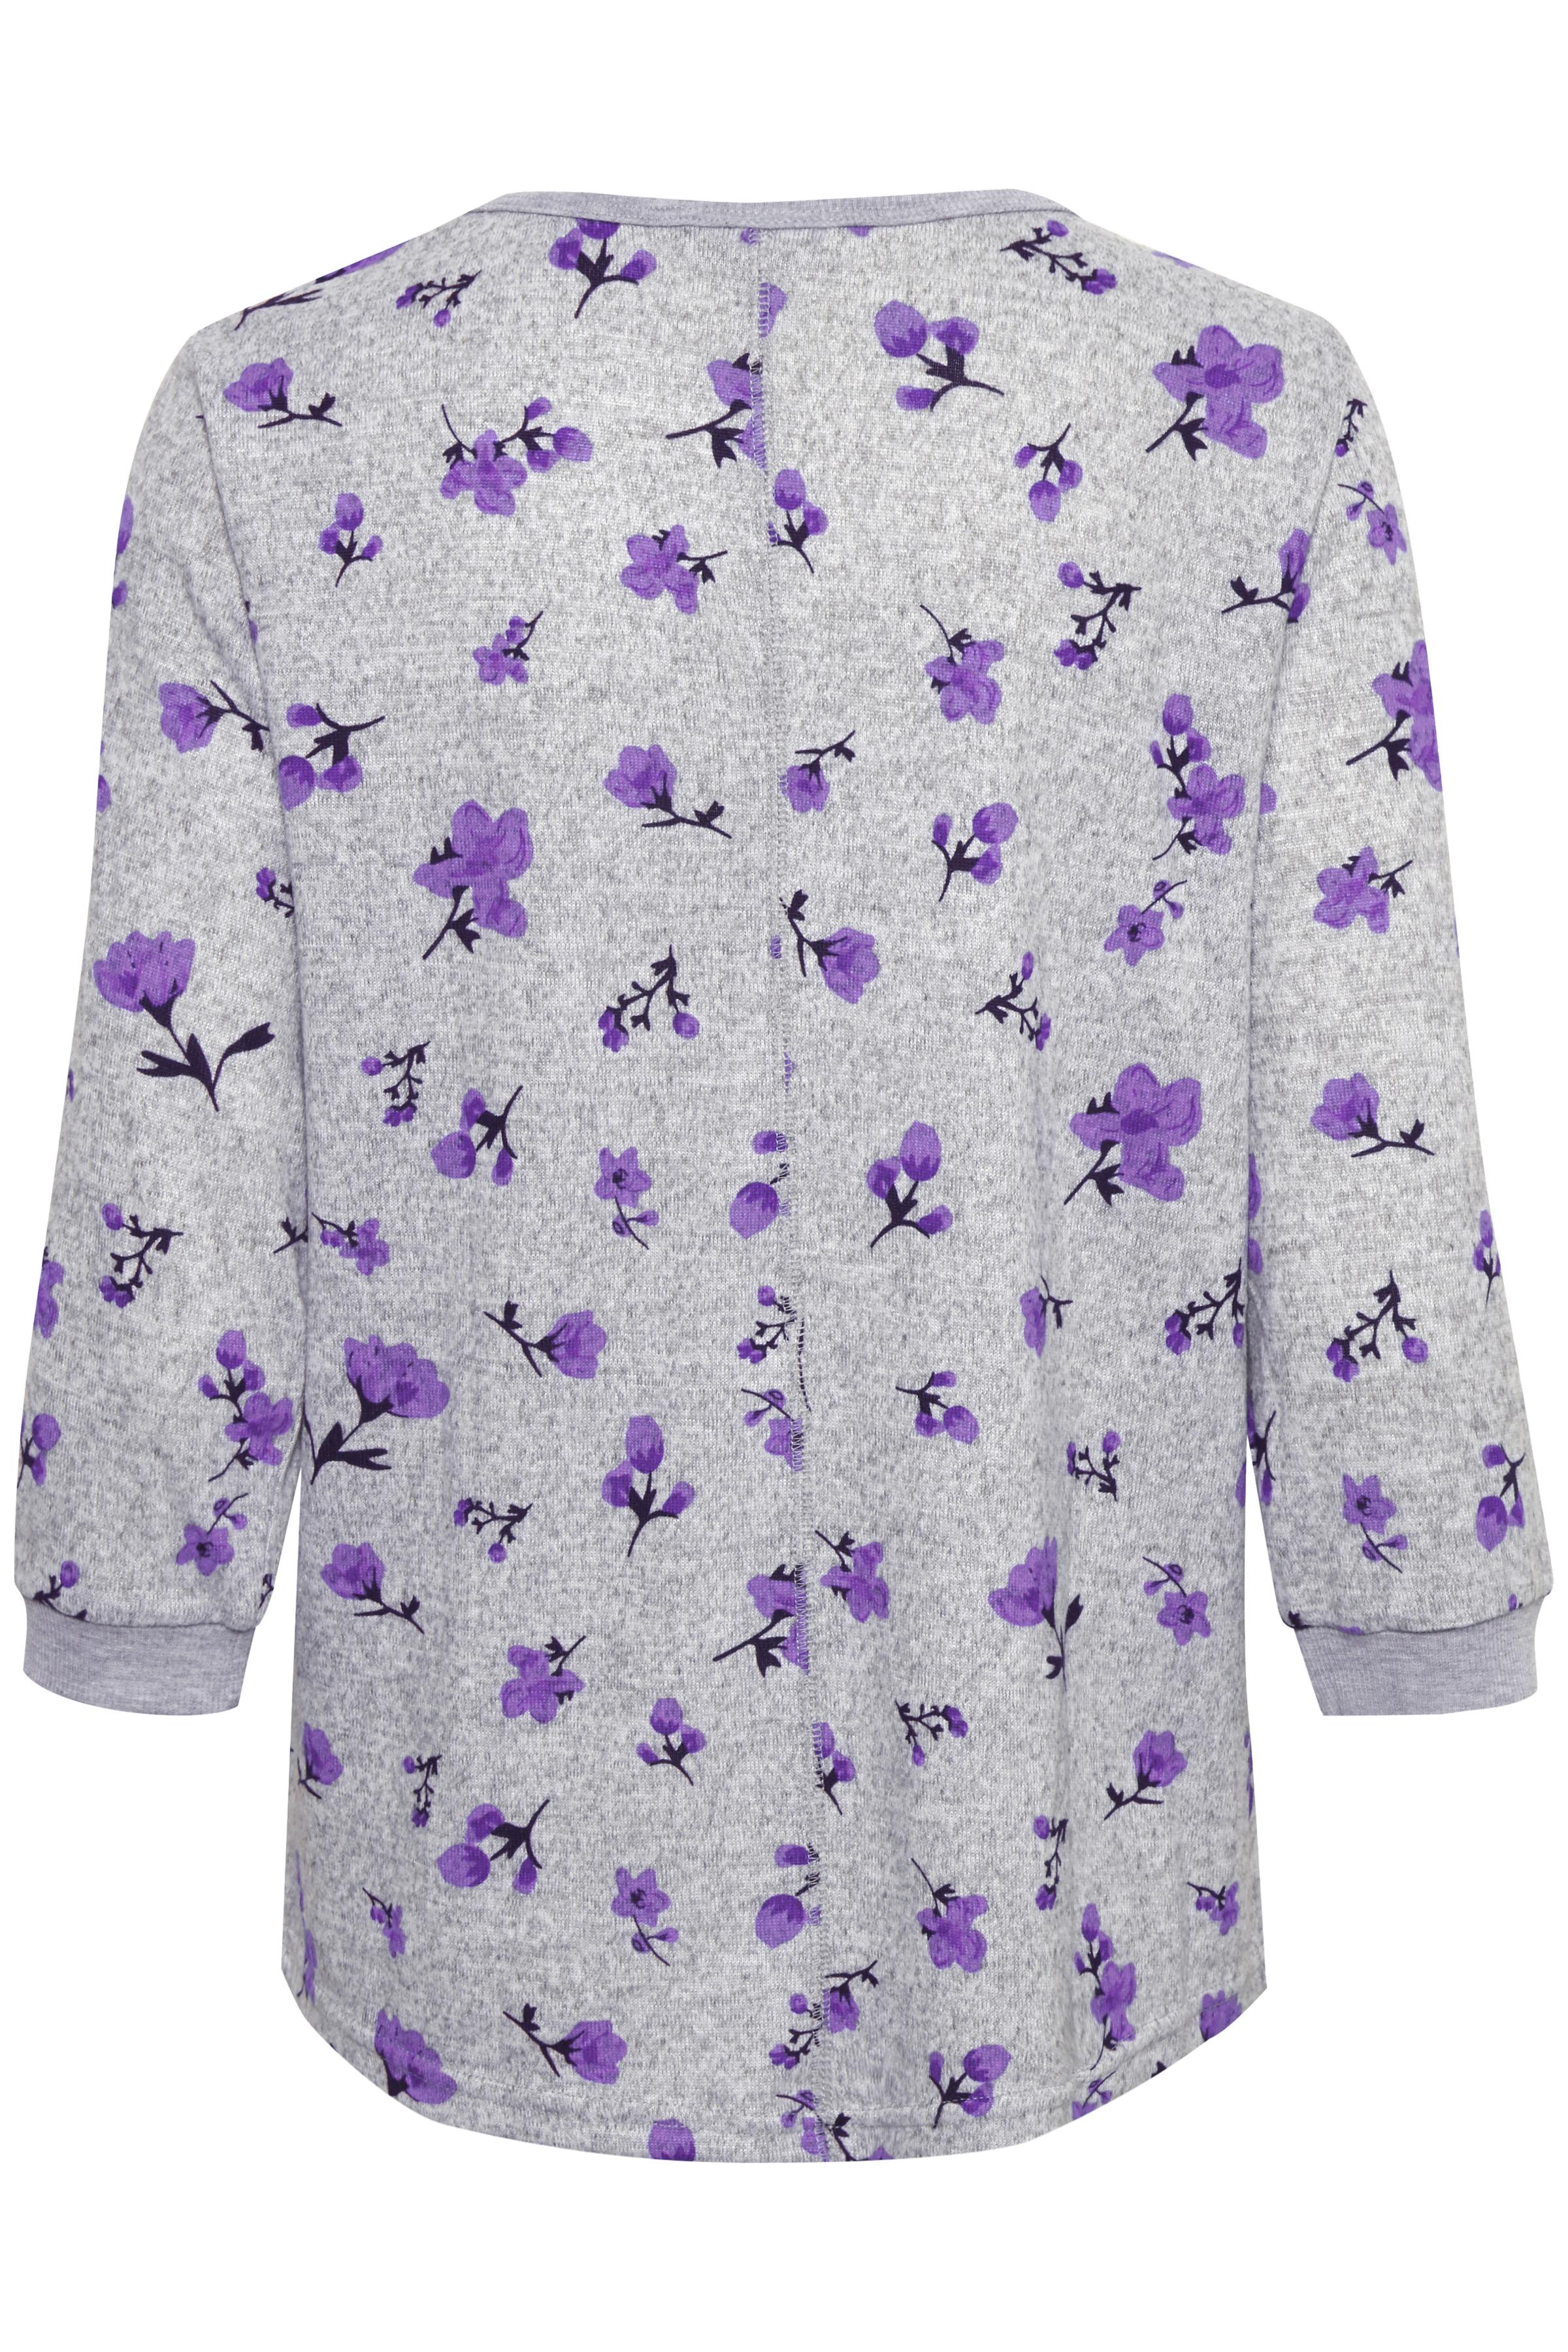 Licht grijsgemêleerd/paars Shirt van Fransa – Door Licht grijsgemêleerd/paars Shirt van maat. XS-XXL hier